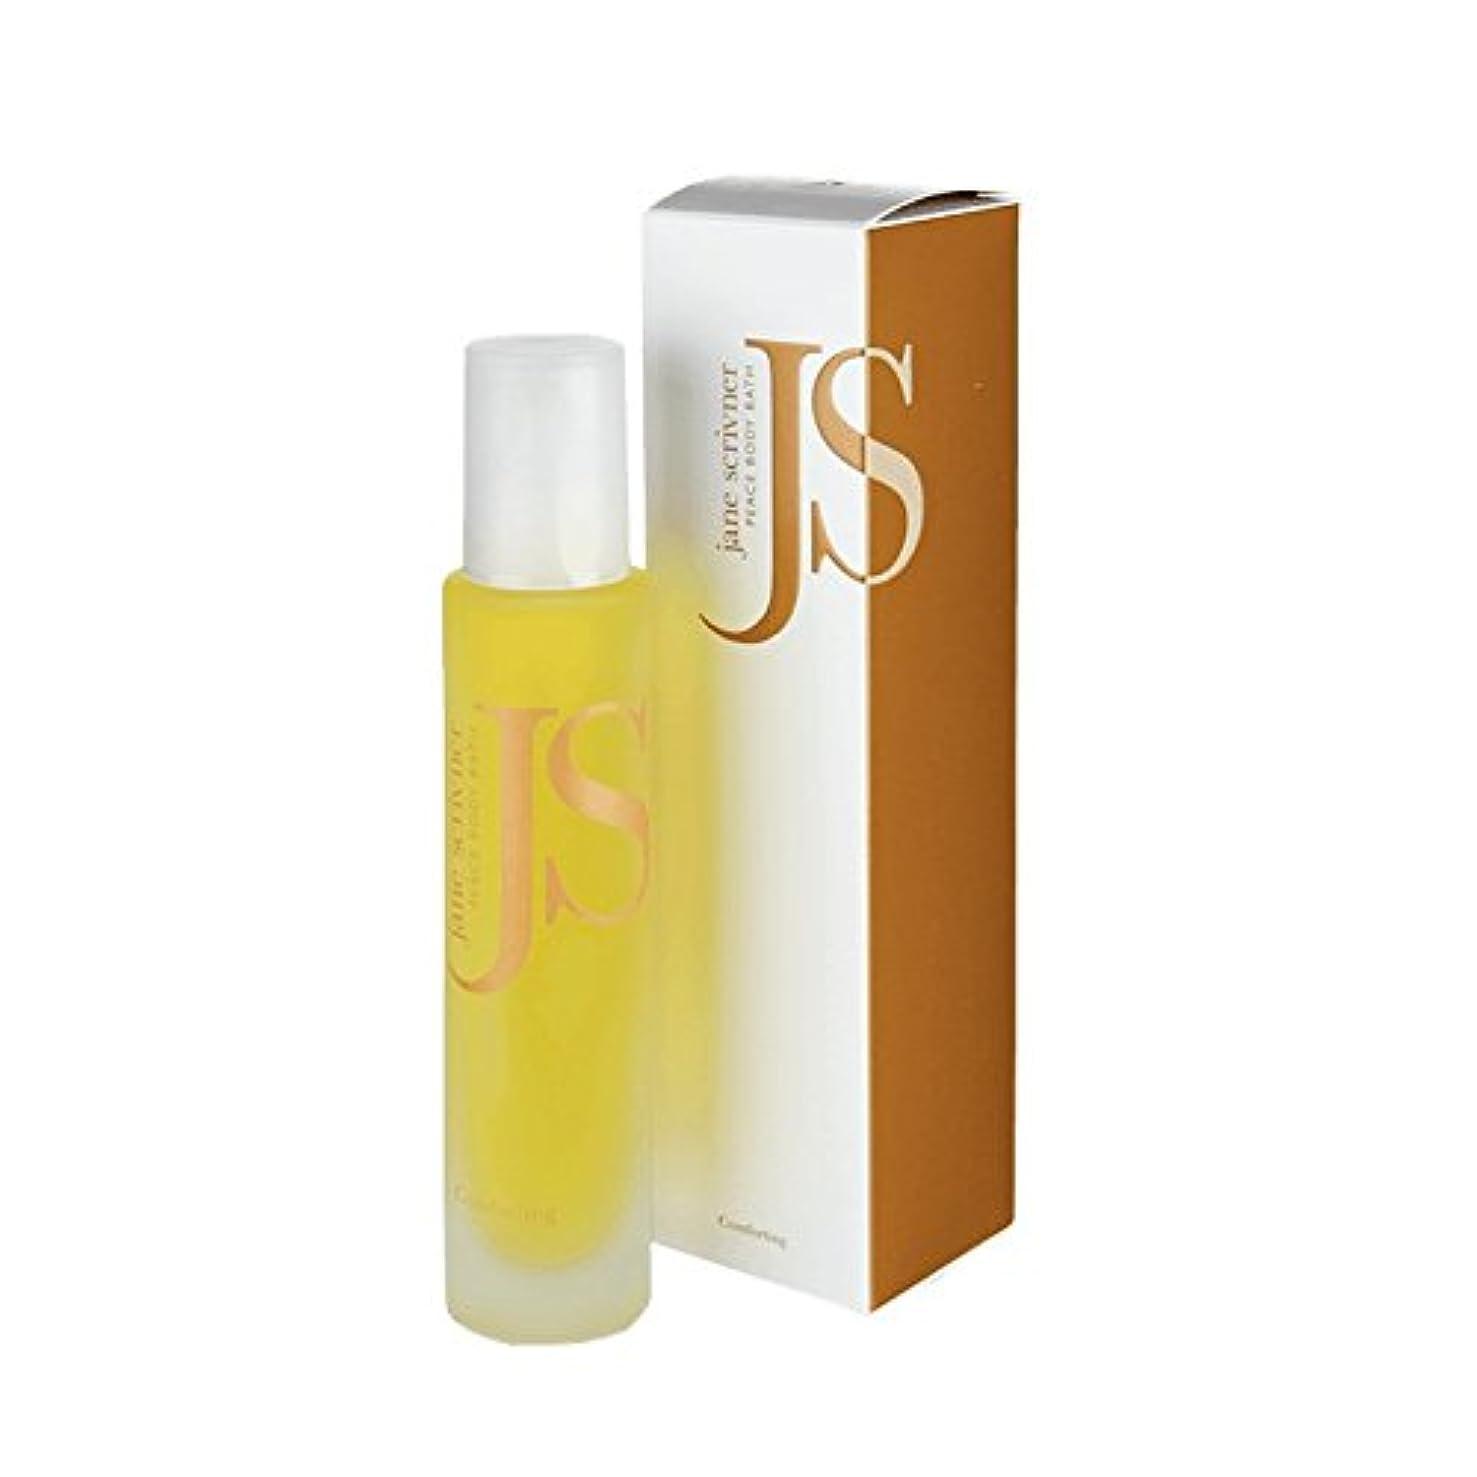 有毒シャイニング確かなジェーンScrivnerボディバスオイル平和100ミリリットル - Jane Scrivner Body Bath Oil Peace 100ml (Jane Scrivner) [並行輸入品]